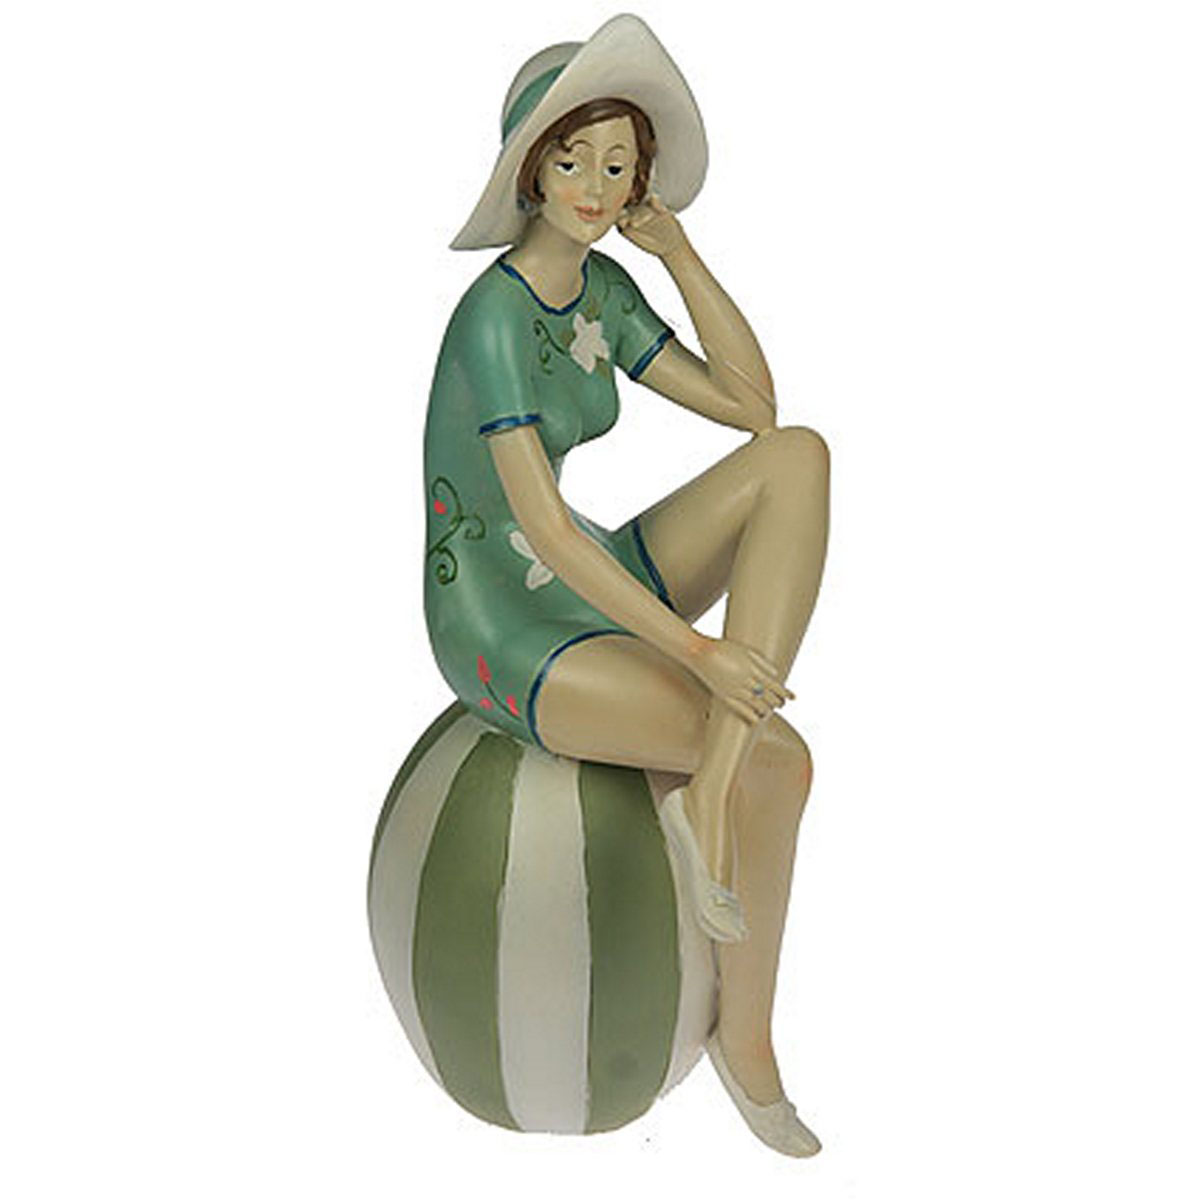 Статуэтка Русские Подарки Девушка на пляже, 15 х 11 х 30 см статуэтка русские подарки африканка 12 х 9 х 34 см